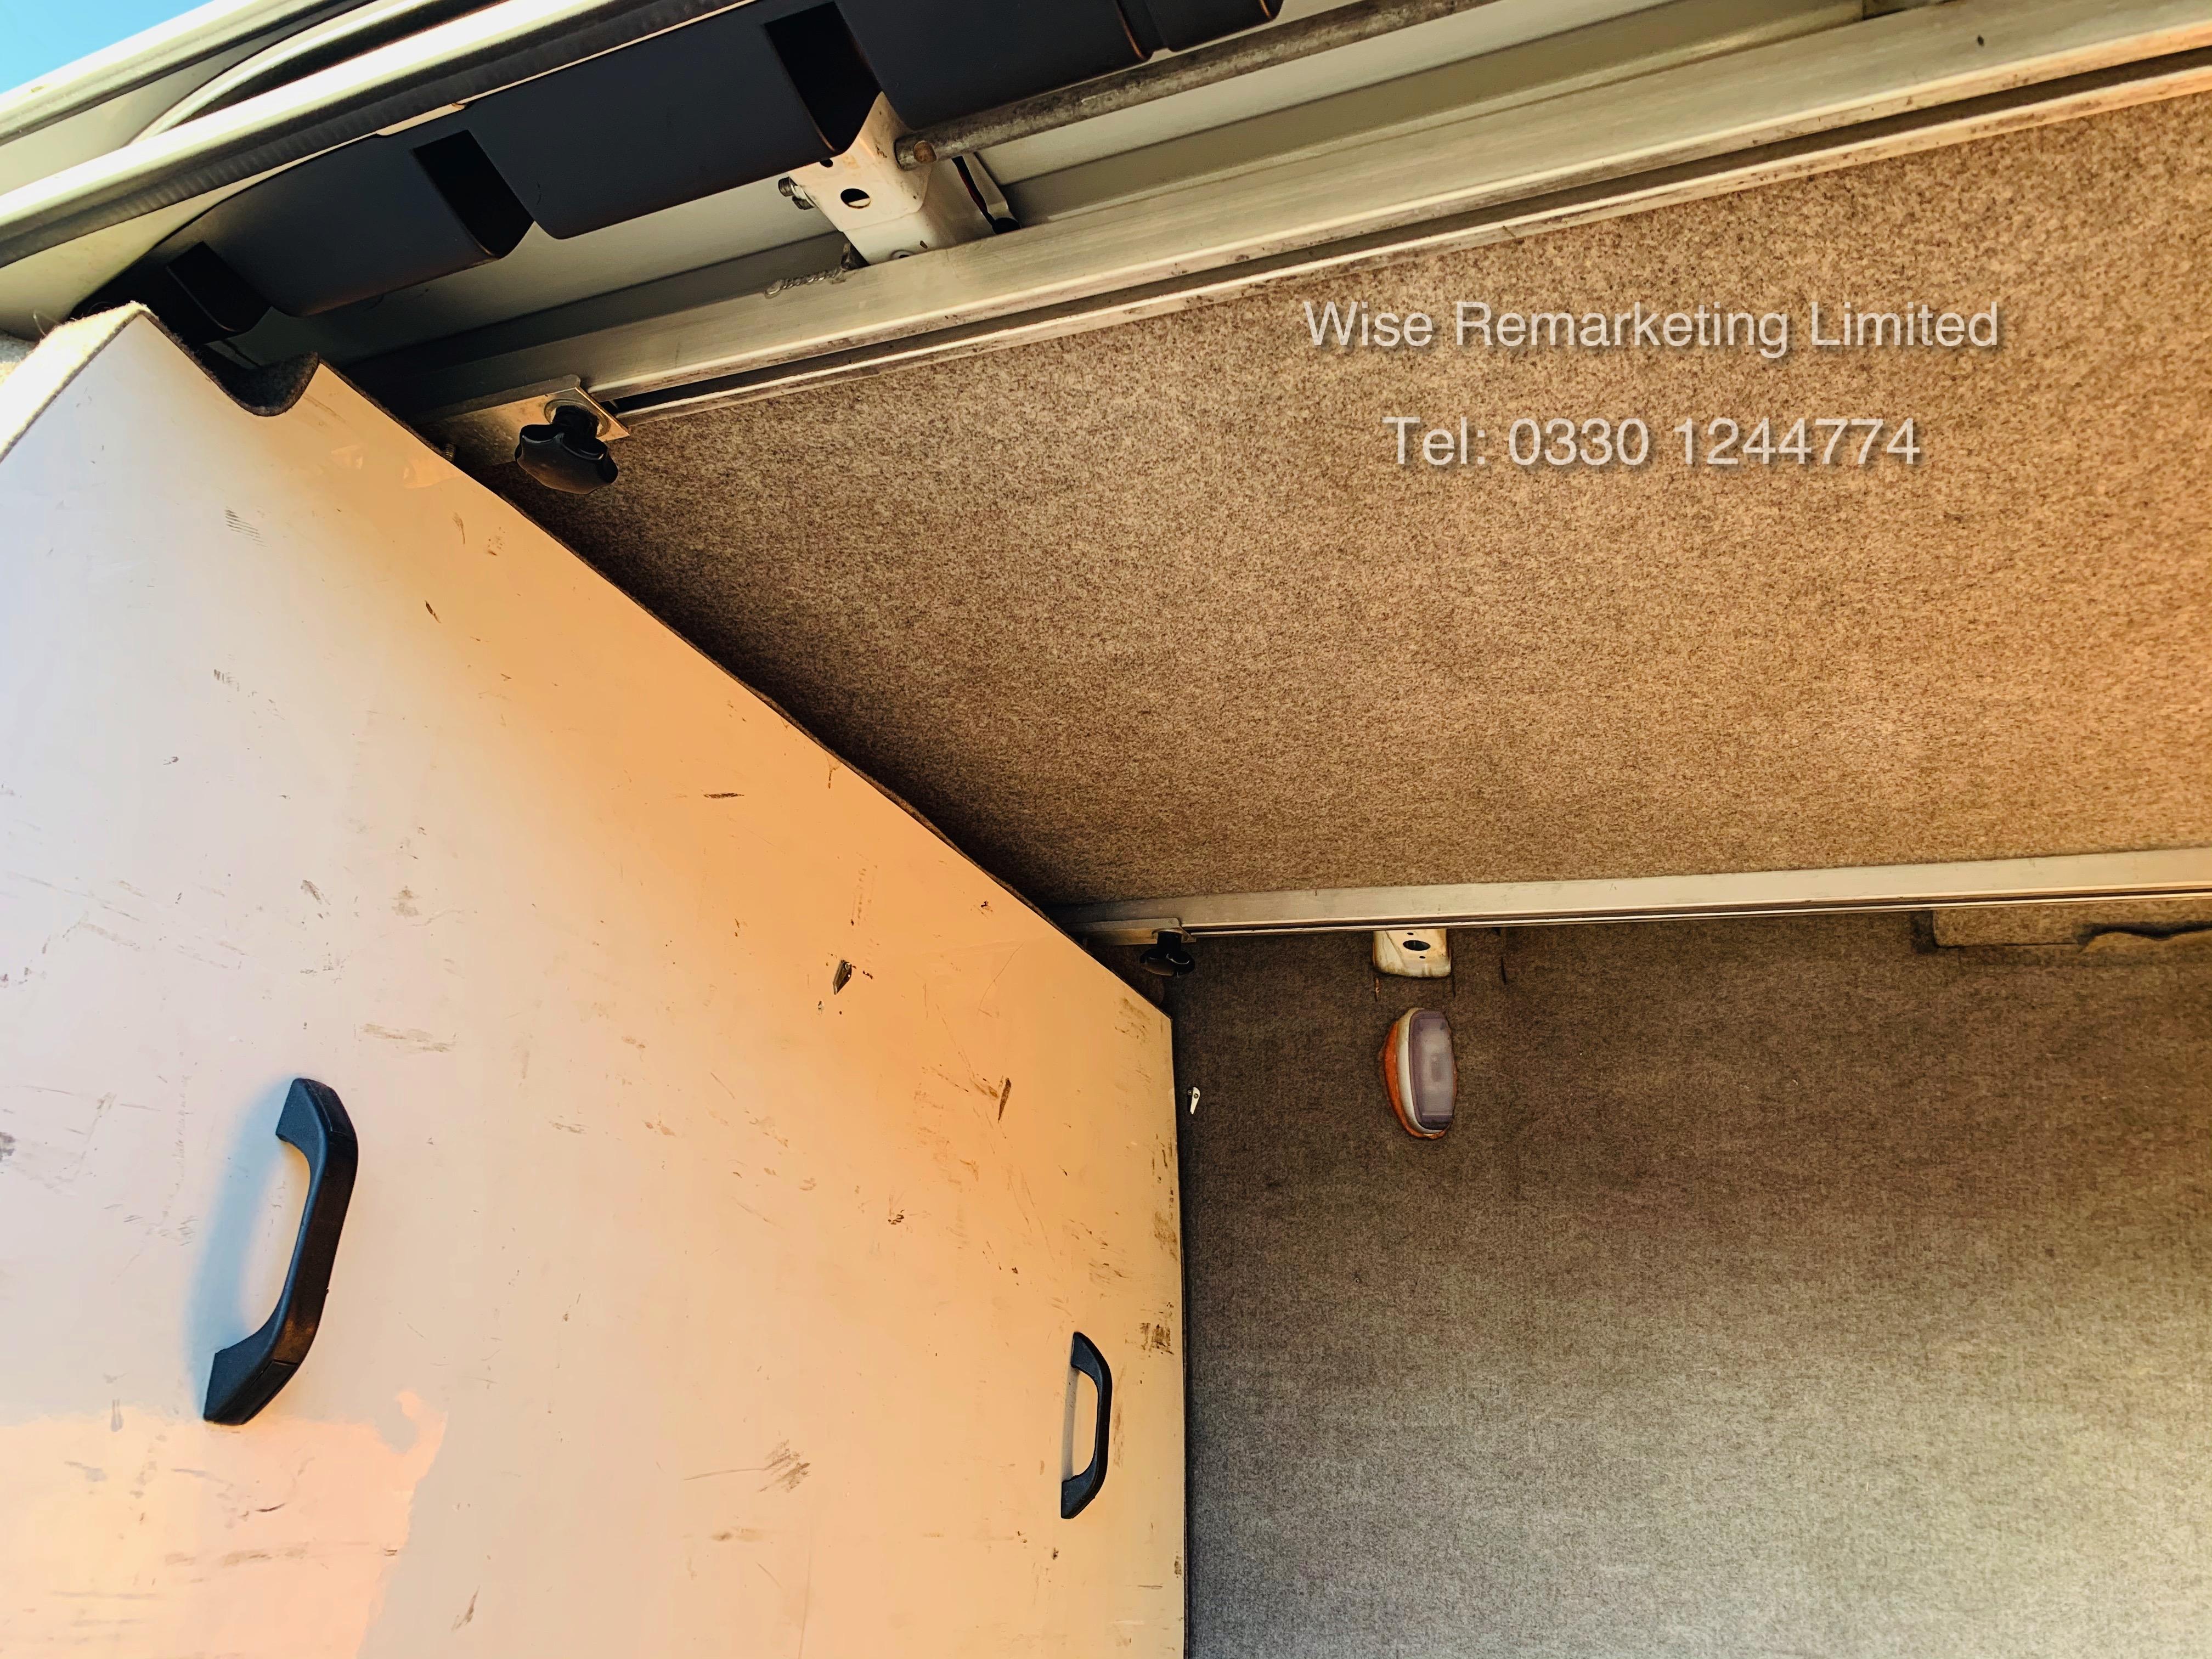 (RESERVE MET) Mercedes Sprinter 316 2.1 CDI Long Wheel Base High Roof Van - 2014 Model - 1 Owner - Image 8 of 19